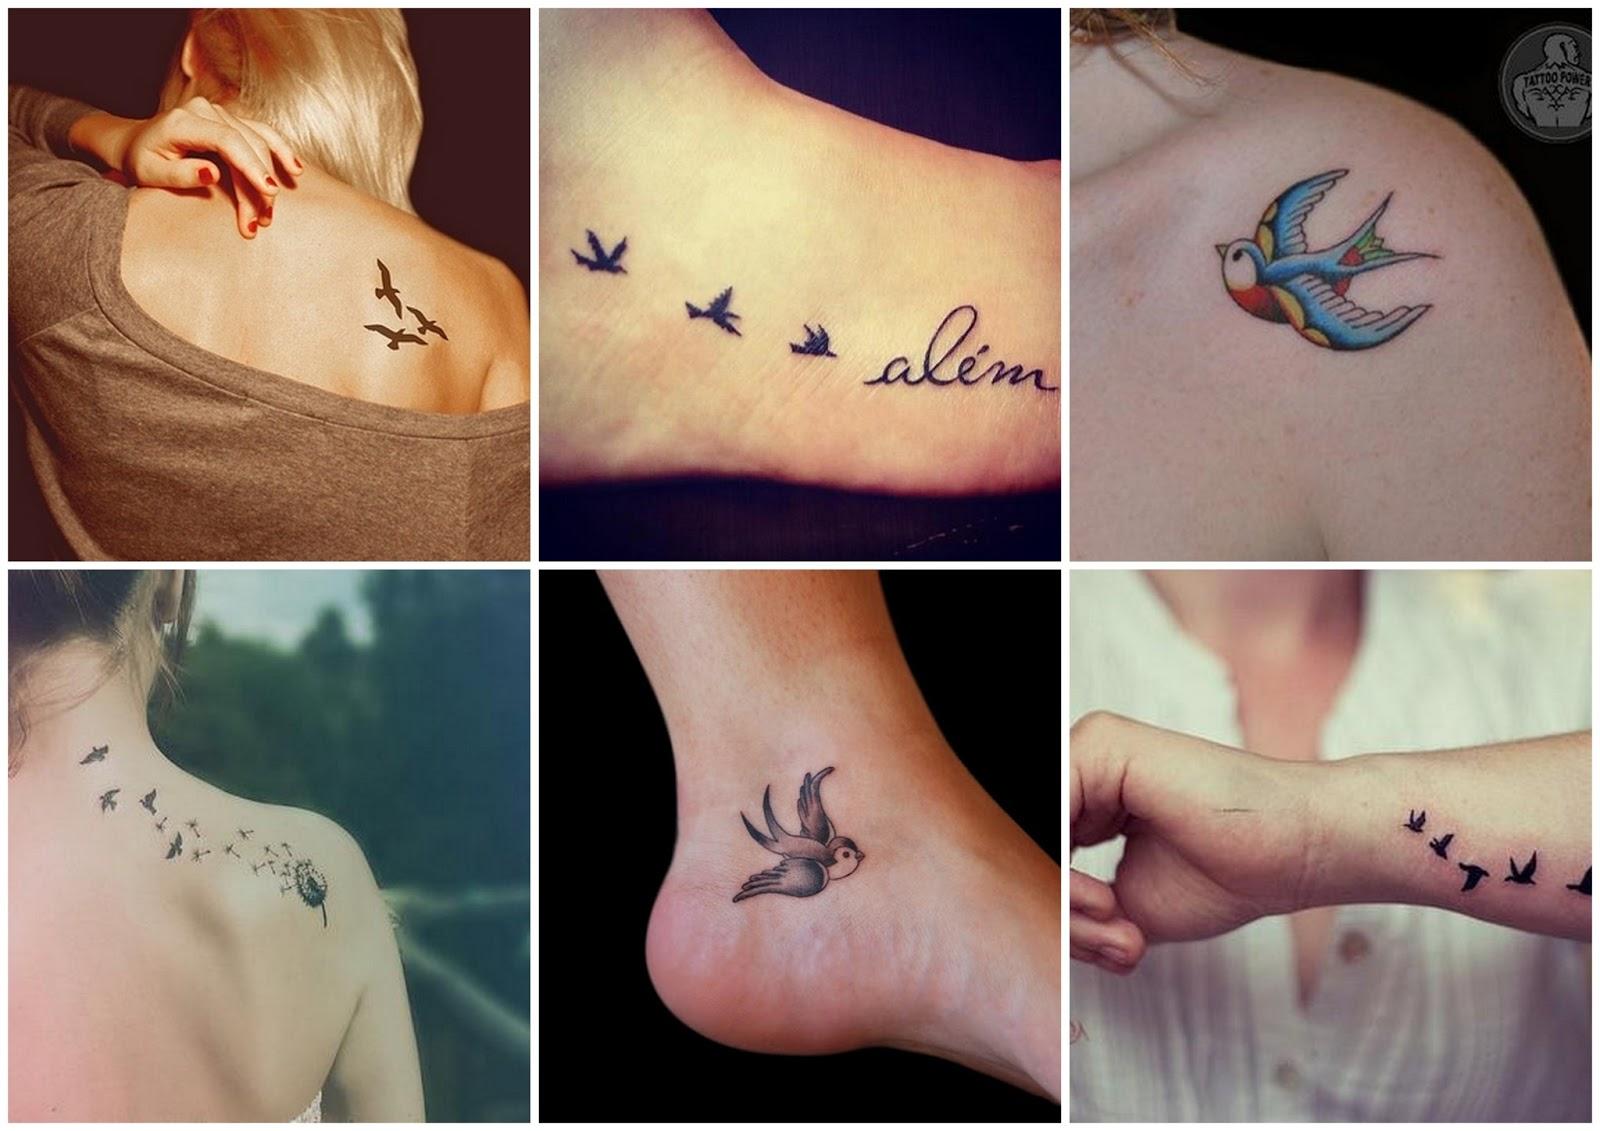 Le Louie Blog: Tatuagens e Seus Significados - Parte I